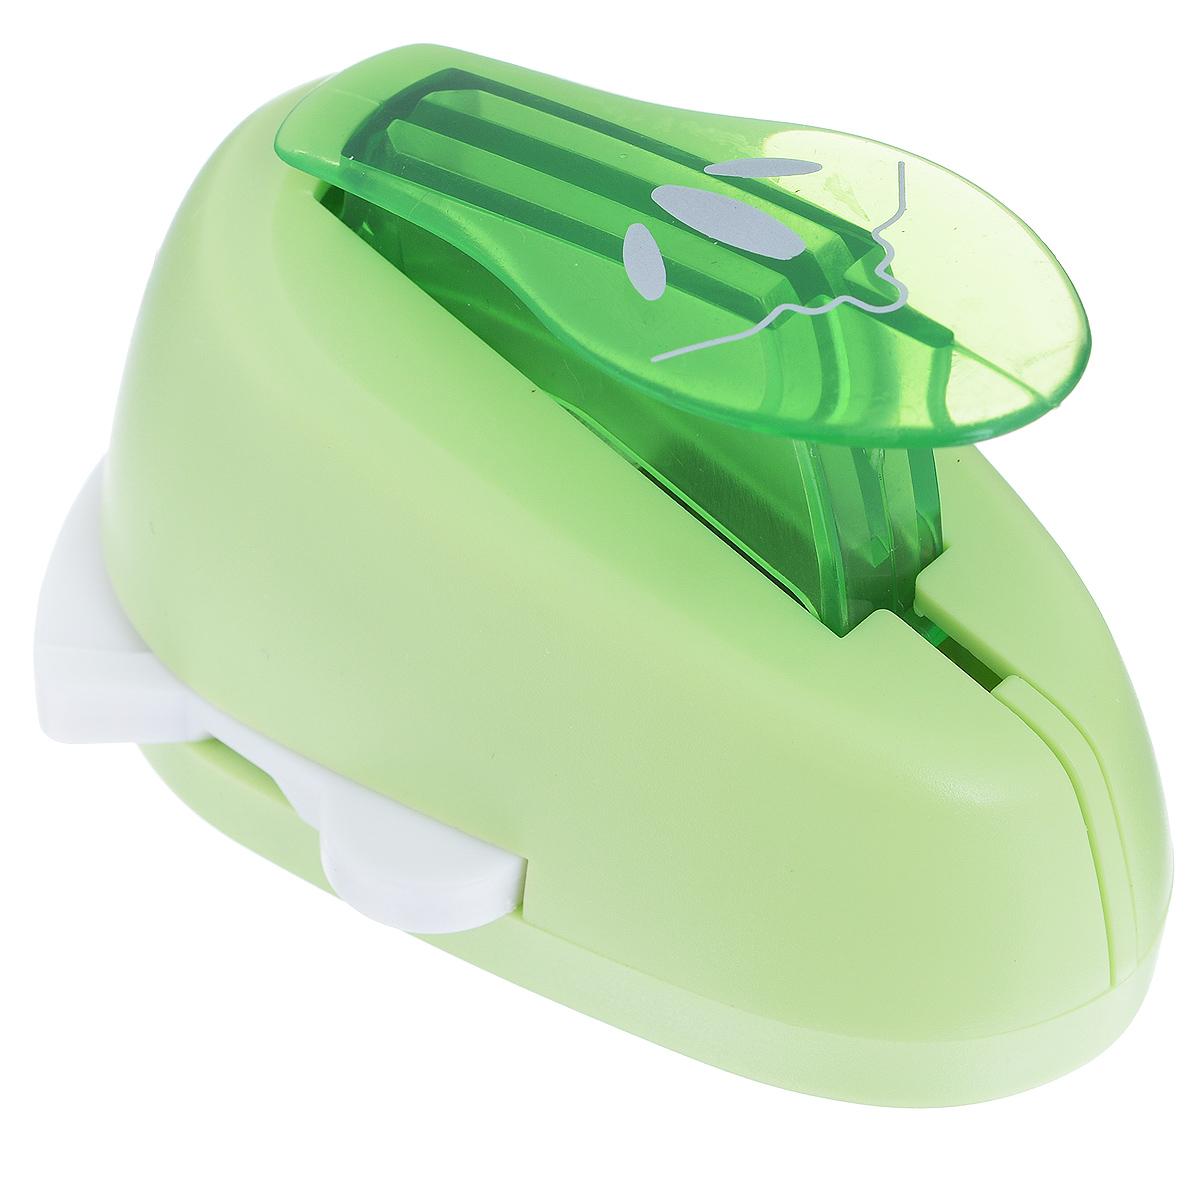 Дырокол фигурный Астра Трилистник, угловой. CD-99MAFS-36052Дырокол Астра Трилистник поможет вам легко, просто и аккуратно вырезать много одинаковых мелких фигурок.Режущие части компостера закрыты пластмассовым корпусом, что обеспечивает безопасность для детей. Вырезанные фигурки накапливаются в специальном резервуаре. Можно использовать вырезанные мотивы как конфетти или для наклеивания. Угловой дырокол подходит для разных техник: декупажа, скрапбукинга, декорирования.Размер дырокола: 8 см х 6 см х 5 см. Размер готовой фигурки: 2,5 см х 2 см.